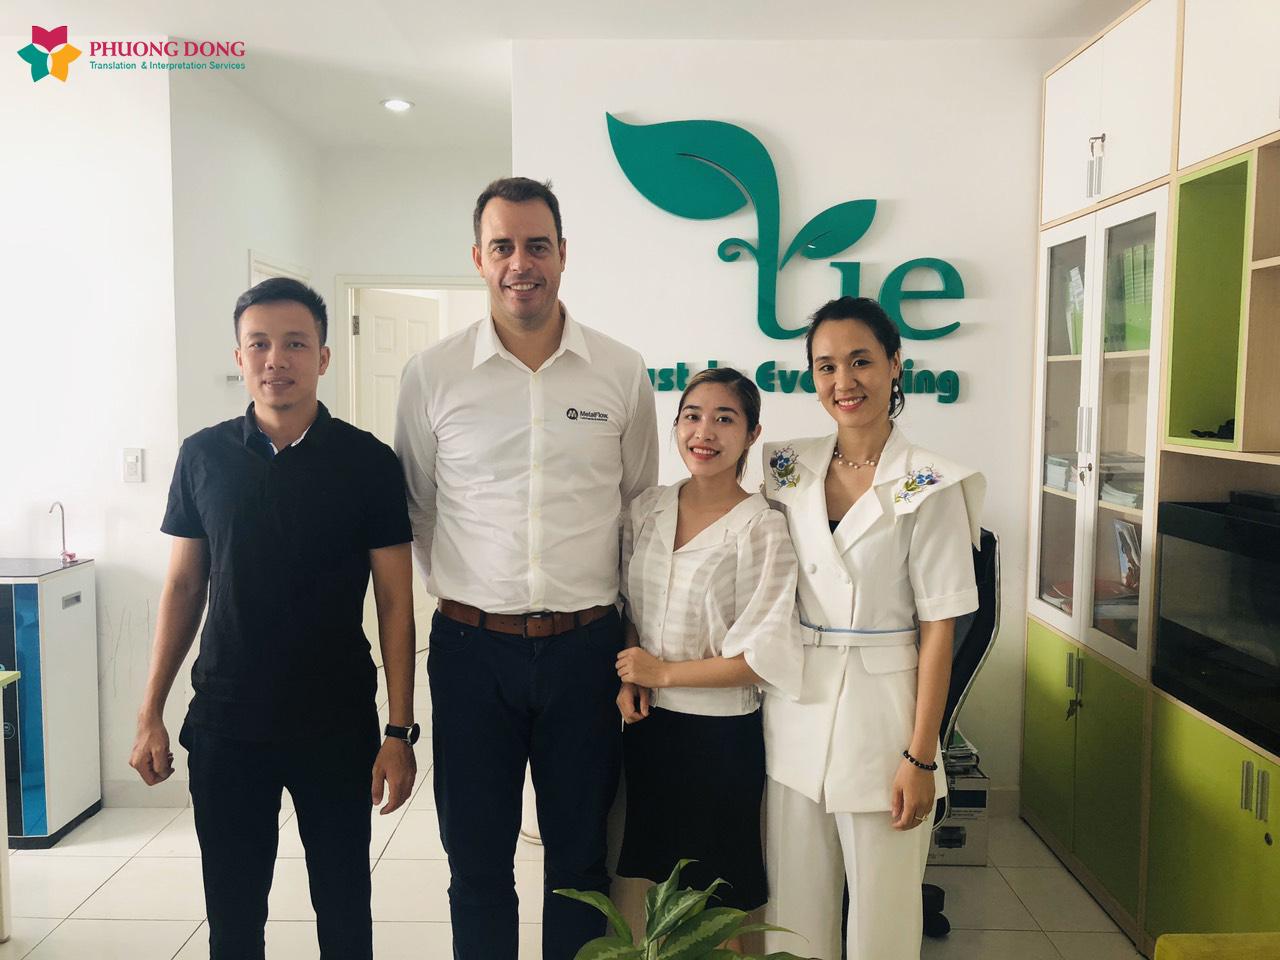 Phiên dịch viên tiếng Anh (thứ hai từ phải qua) chụp ảnh cùng đại diện công ty TNHH Tie Việt Nam